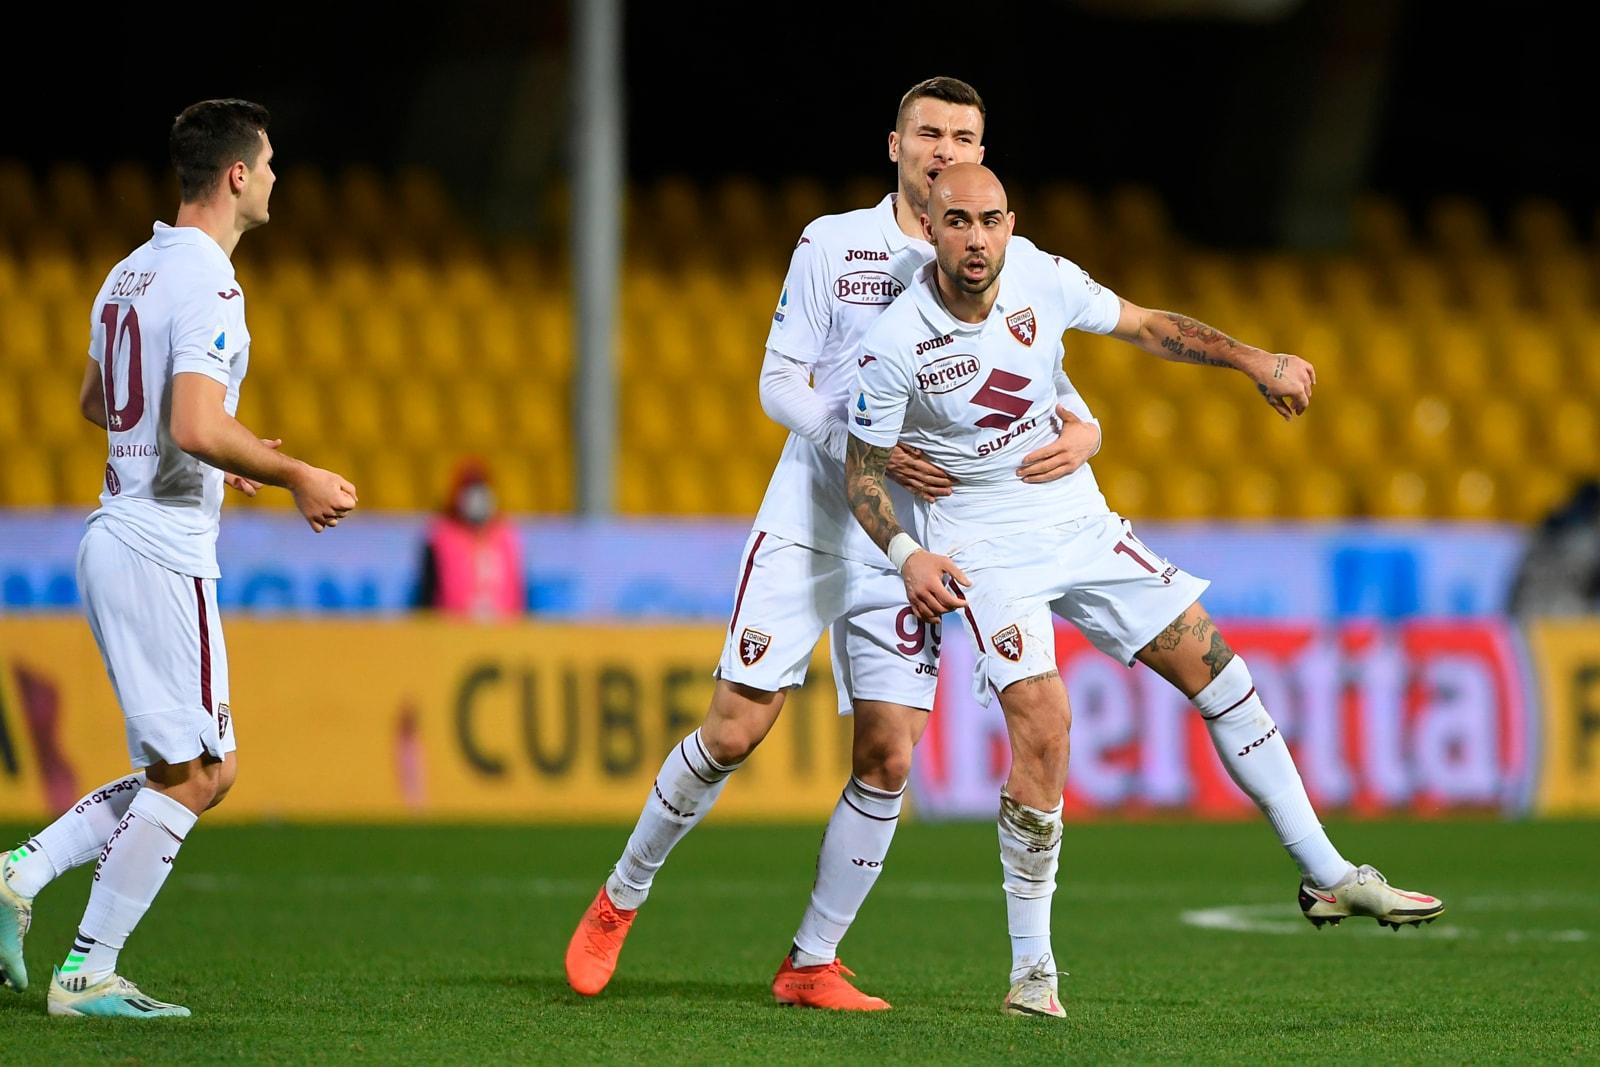 Zaza show salva il Torino: 2-2 all'esordio per Nicola contro il Benevento